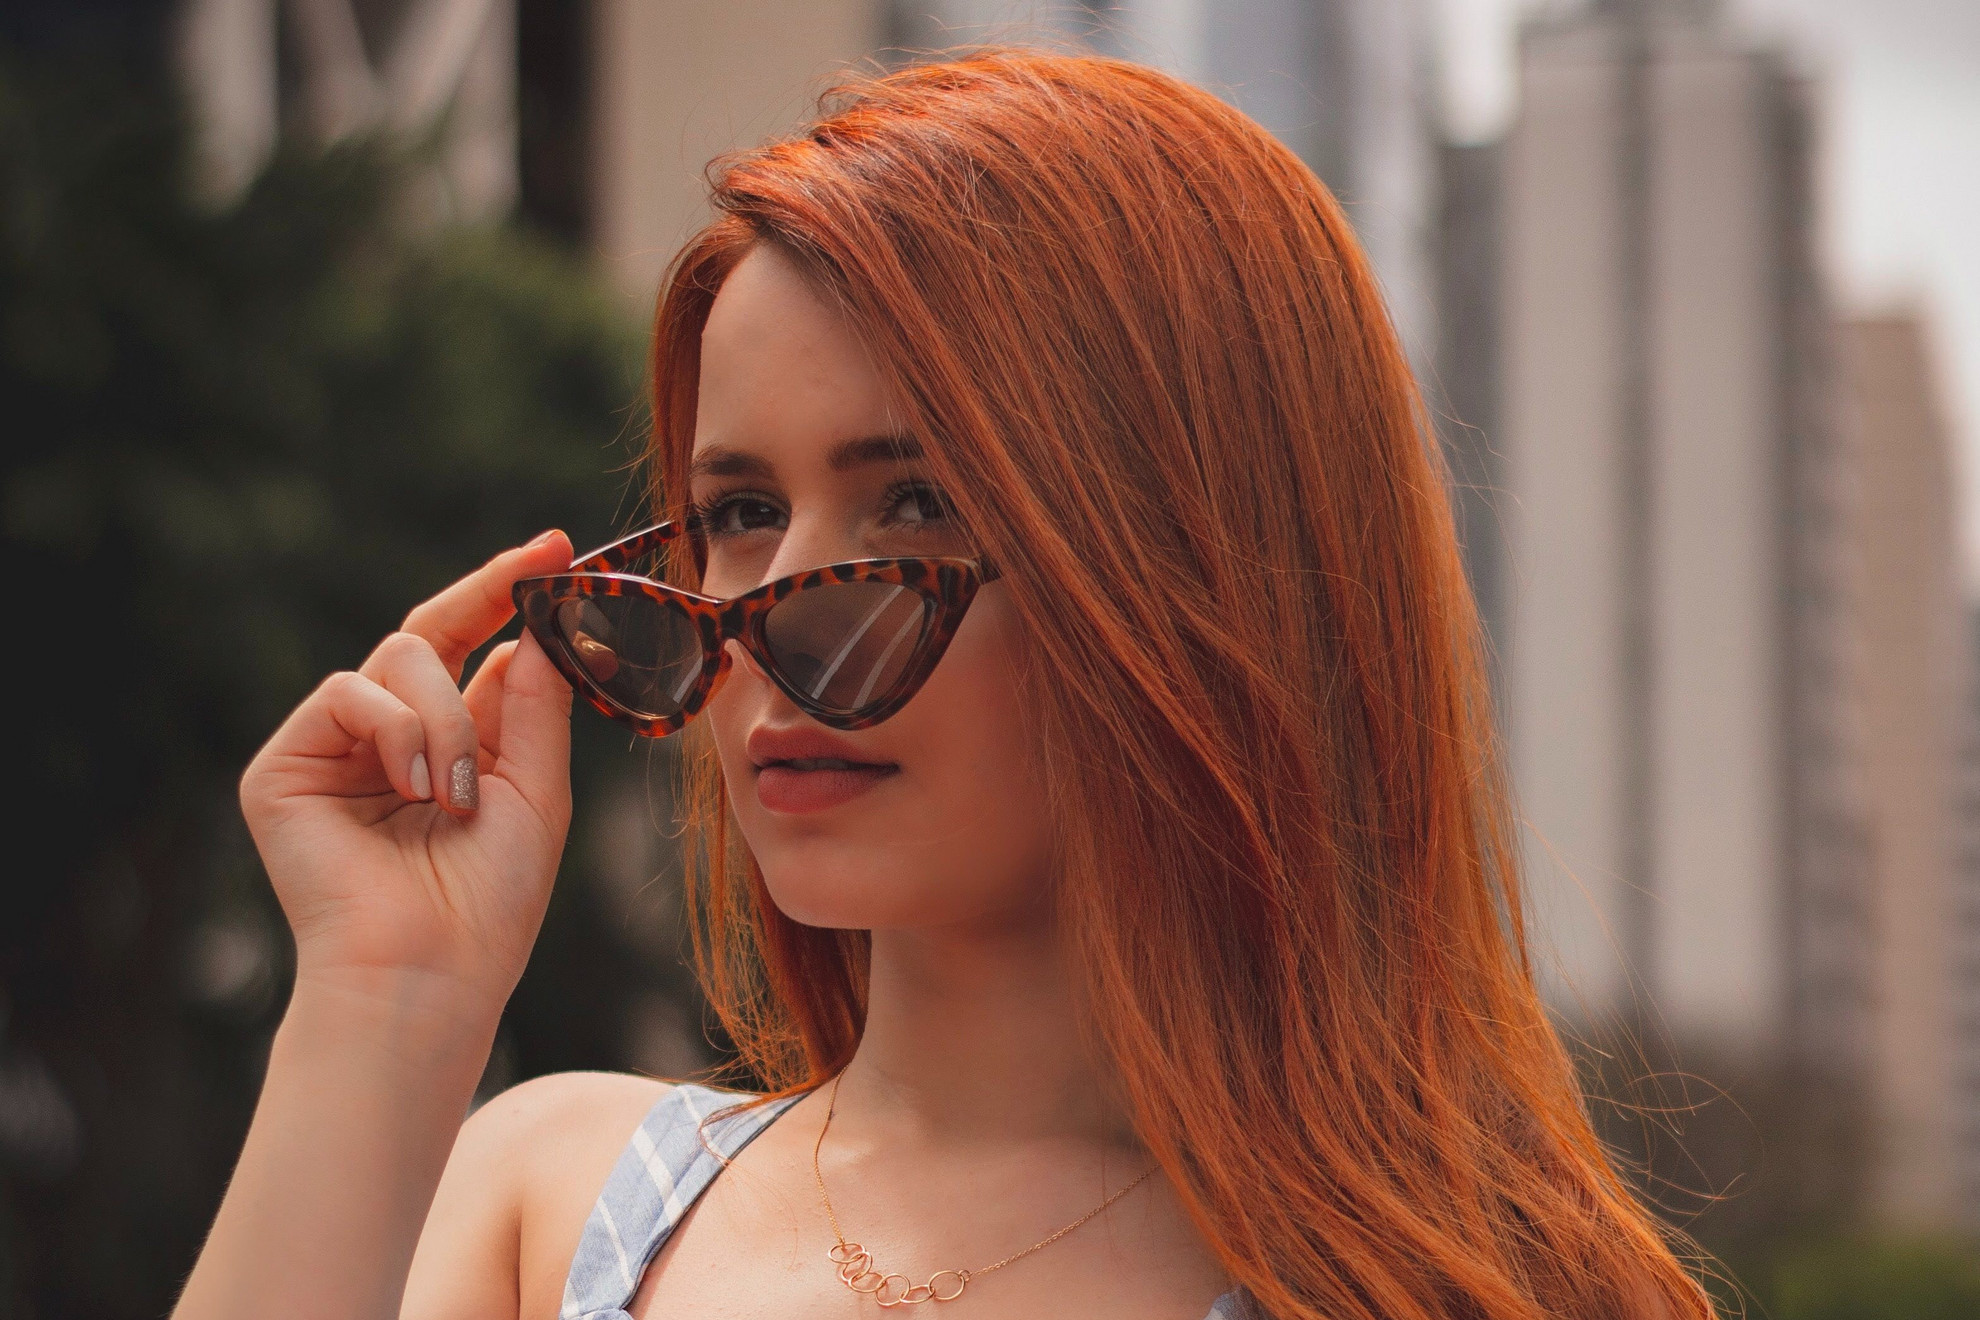 Egy jól kiválasztott macskaszem formájú szemüveg kiválóan mutathat a nyári szettünkkel